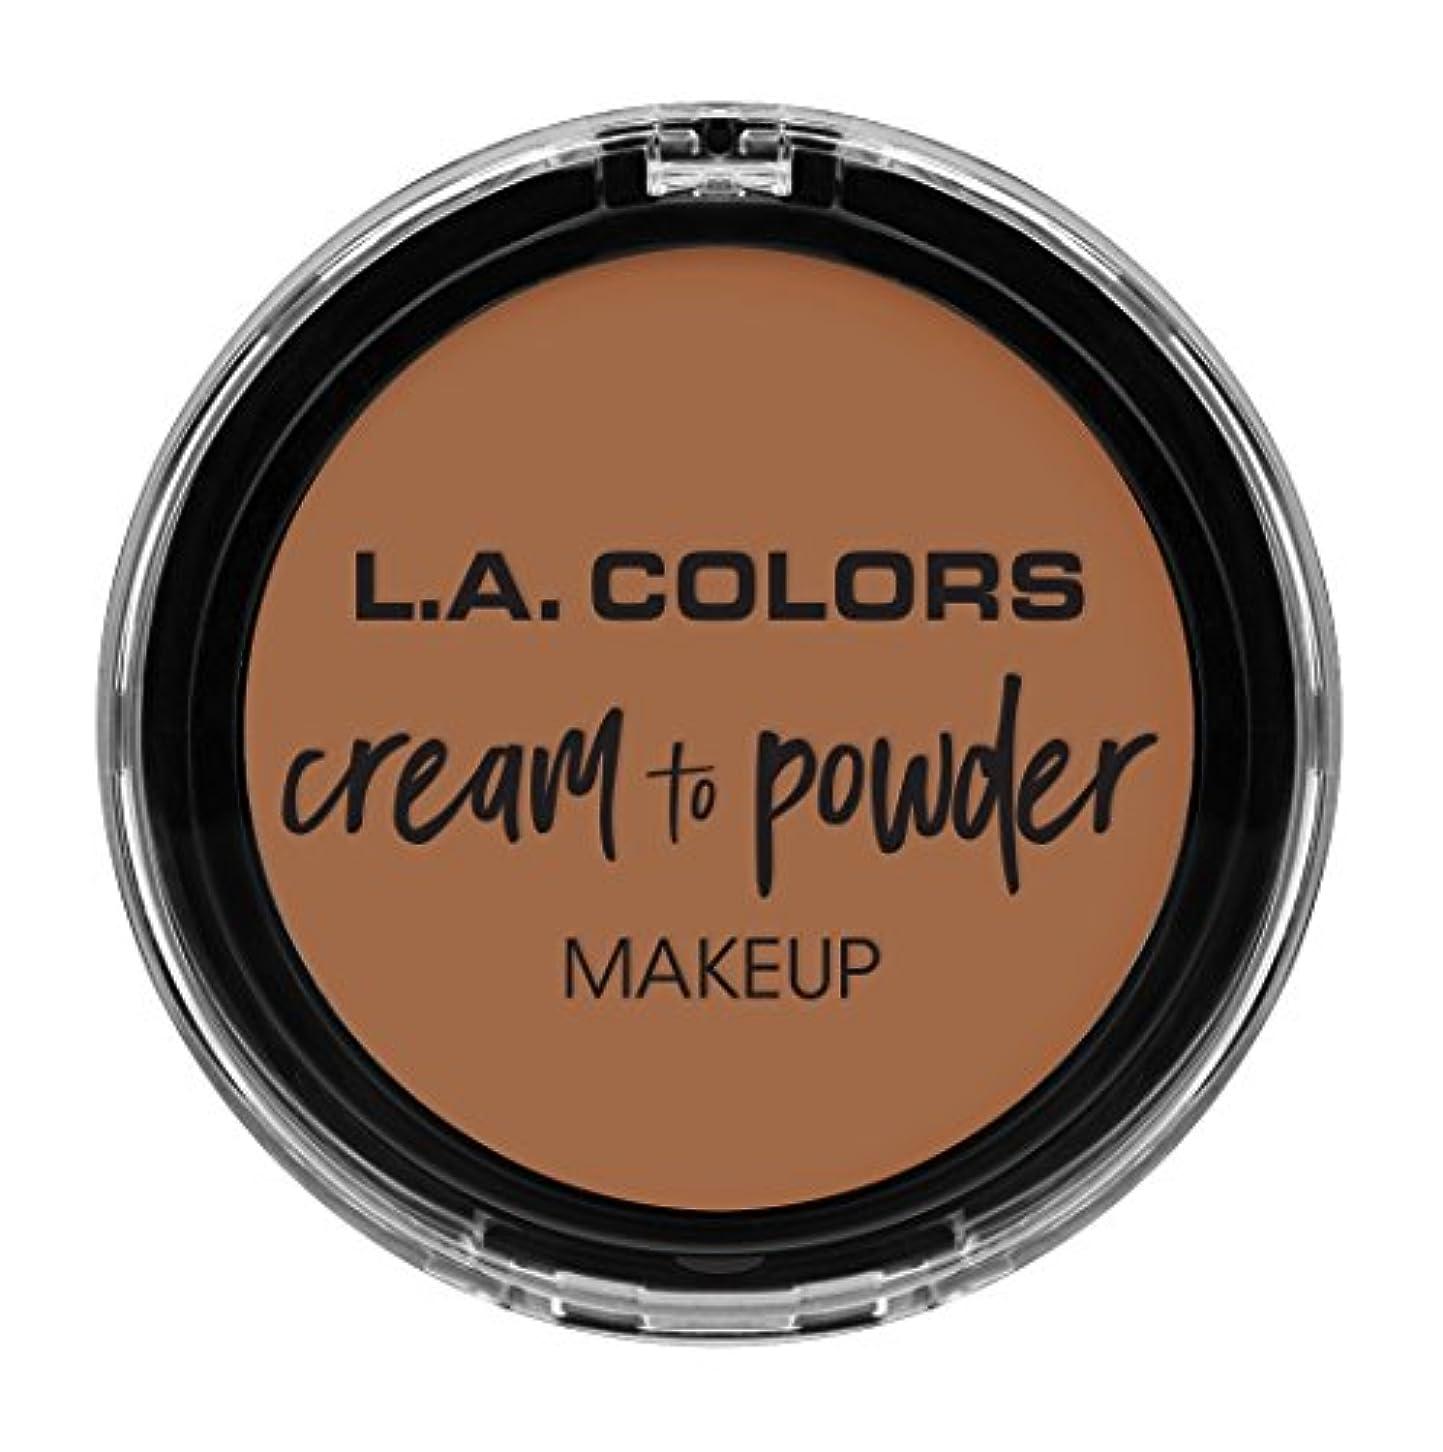 鈍いアブセイ道徳教育L.A. COLORS Cream To Powder Foundation - Medium Beige (並行輸入品)